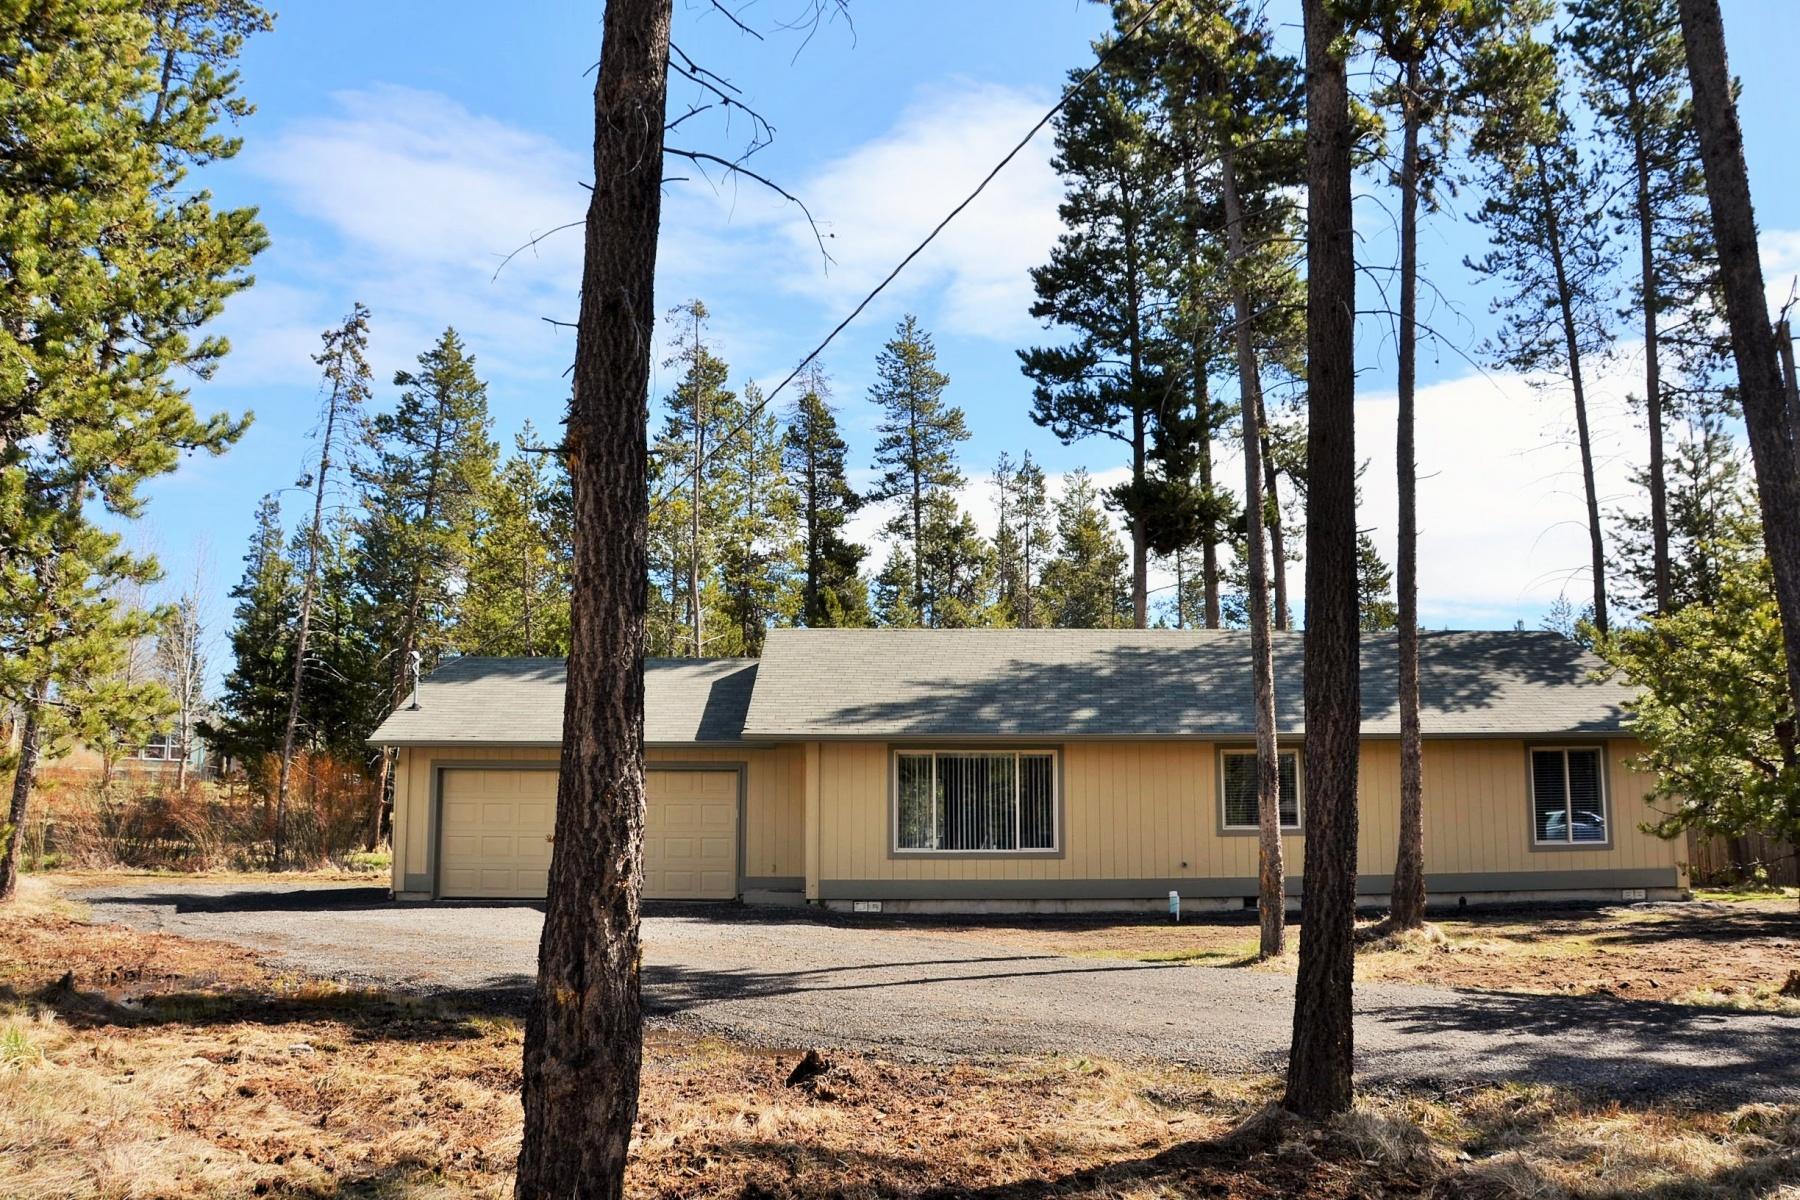 Moradia para Venda às Single Level Home! 55990 Wood Duck Dr Bend, Oregon, 97707 Estados Unidos